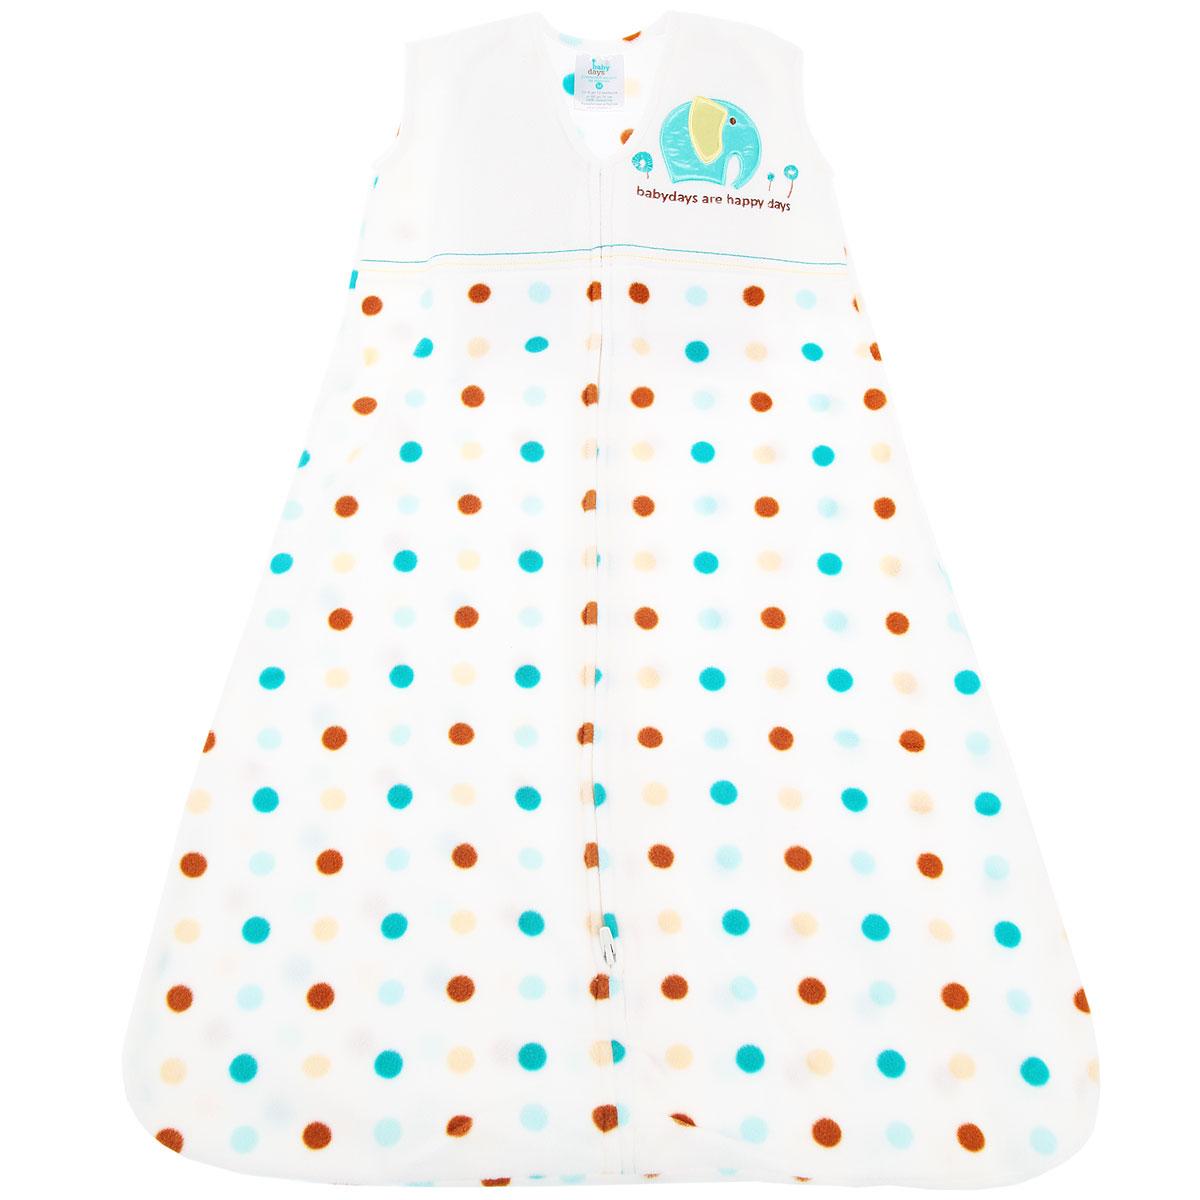 bd20008Спальный мешок для новорожденного Babydays Слоненок - это одновременно спальный мешок и теплое уютное одеяло. Мешок выполнен из теплого мягкого микрофлиса (220 г/м) - 100% полиэстера. Изделие отличается высокой прочностью и износостойкостью, материал не линяет, не теряет яркости, сохраняет свой первоначальный вид по мере использования и носки. Модель одевается поверх обычной одежды для сна, обеспечивая максимальный комфорт и безопасность. Мешок без рукавов и с круглым вырезом горловины застегивается на длинную застежку снизу вверх, что делает удобным смену подгузников и не травмирует подбородок. Безрукавный крой снижает риск перегрева. Свободная нижняя часть дает малышу достаточное пространство, чтобы двигать ножками: это необходимо для правильного развития тазобедренного сустава. Оформлено изделие гороховым принтом, а также на груди украшено аппликацией в виде слоника и вышитой надписью на английском языке. Спальный мешок заменяет одеяло, он безопасен и удобен во время сна...